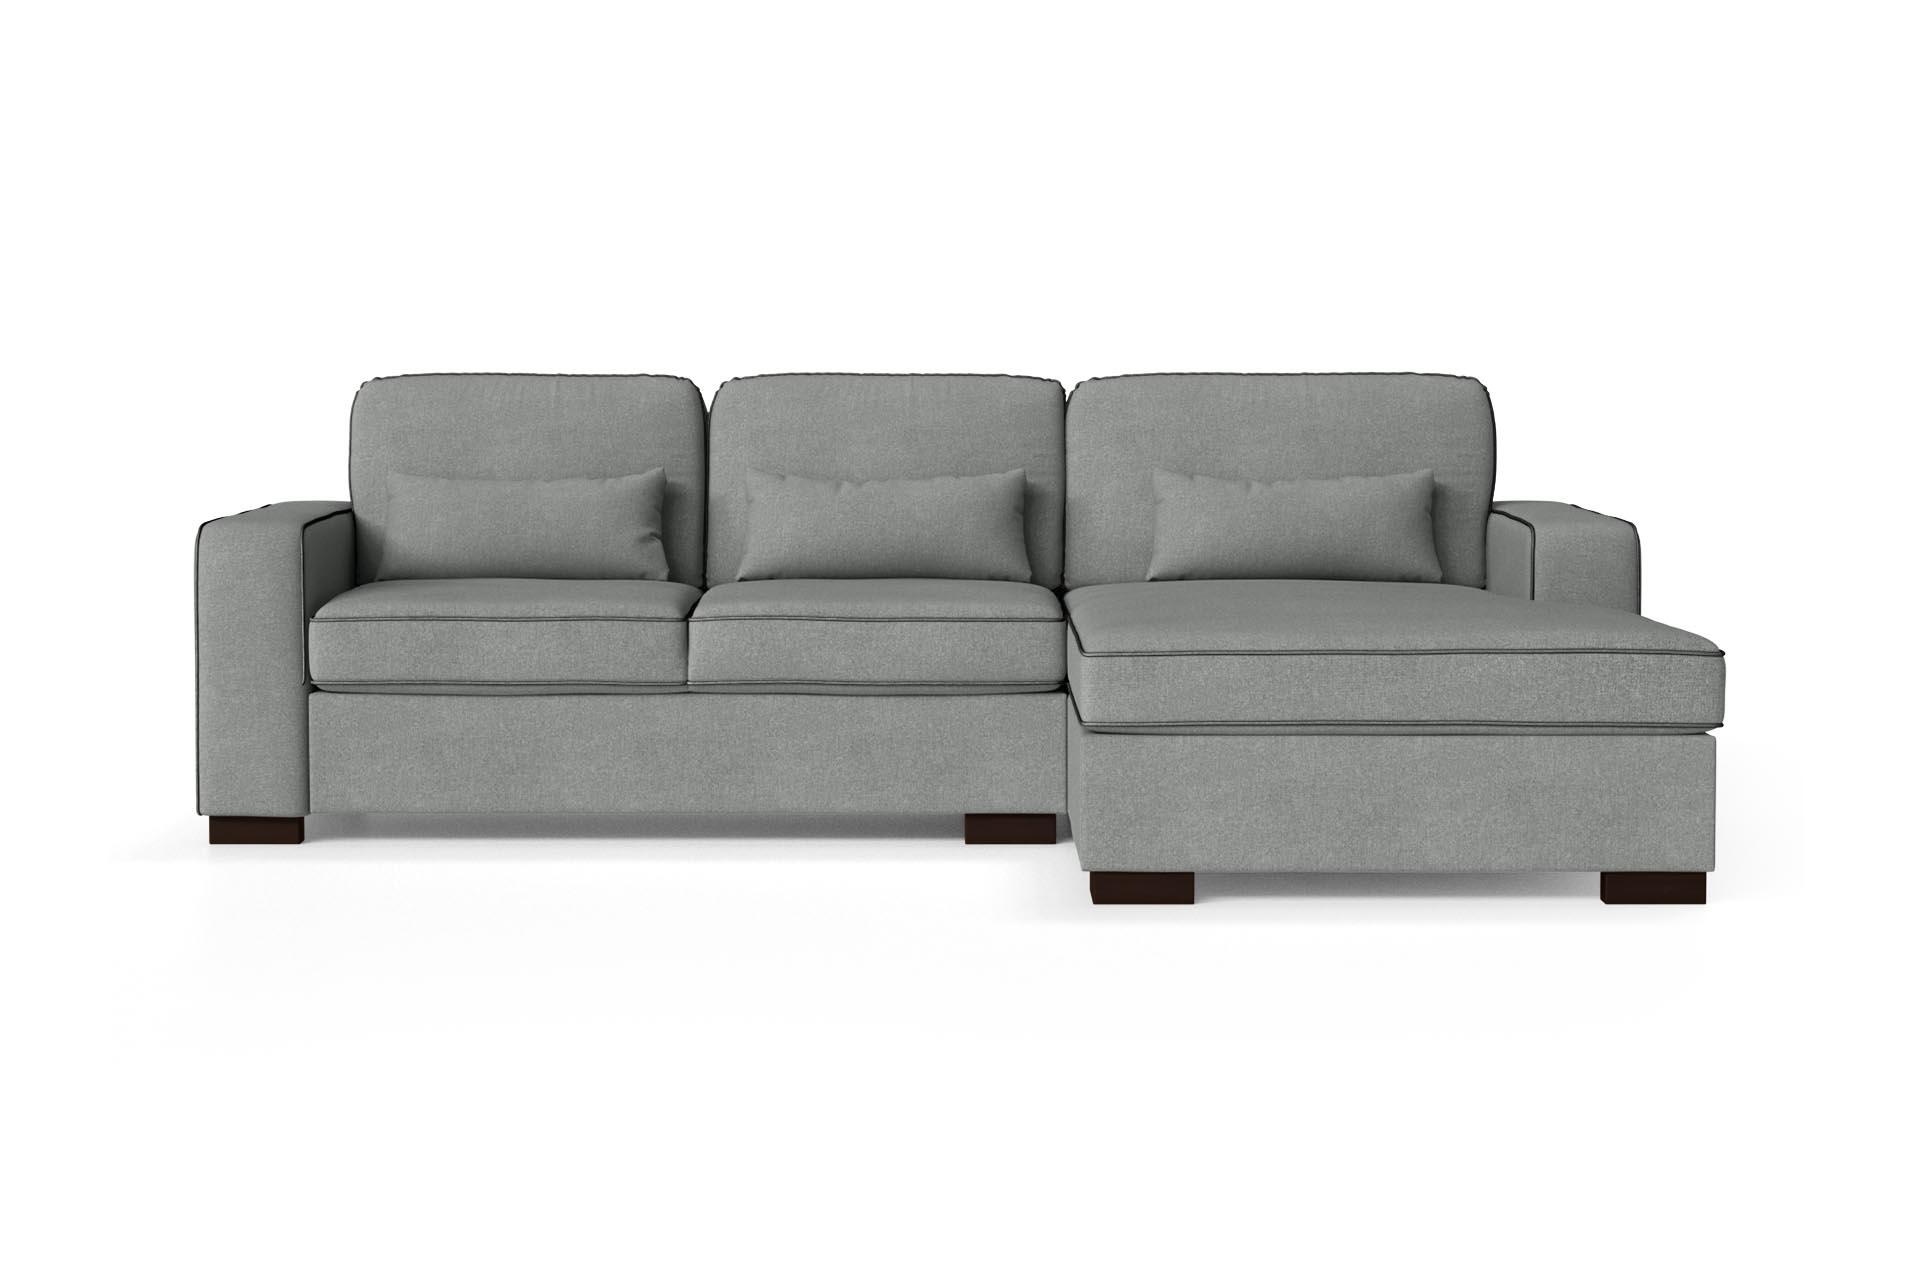 Canapé d'angle droit 4 places toucher coton gris/anthracite